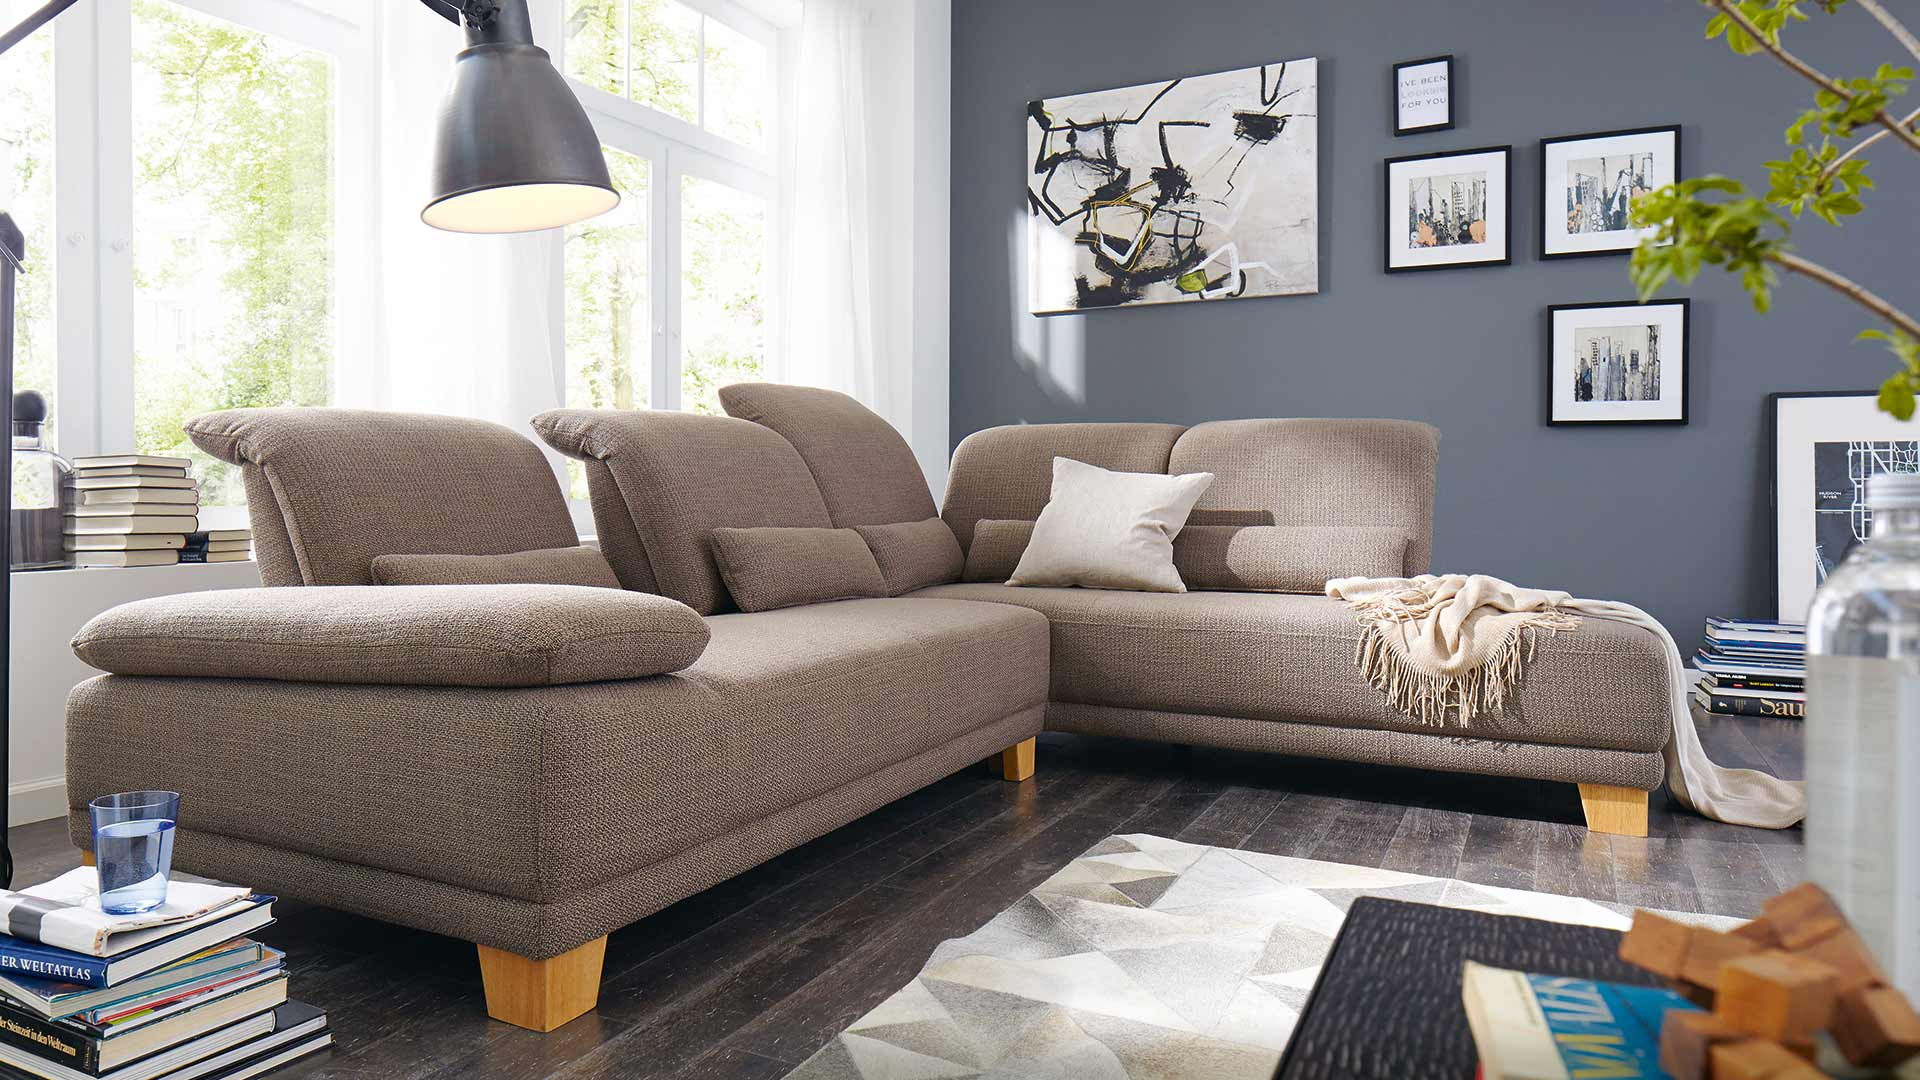 natura 8910 von natura einrichten in garbsen nahe. Black Bedroom Furniture Sets. Home Design Ideas